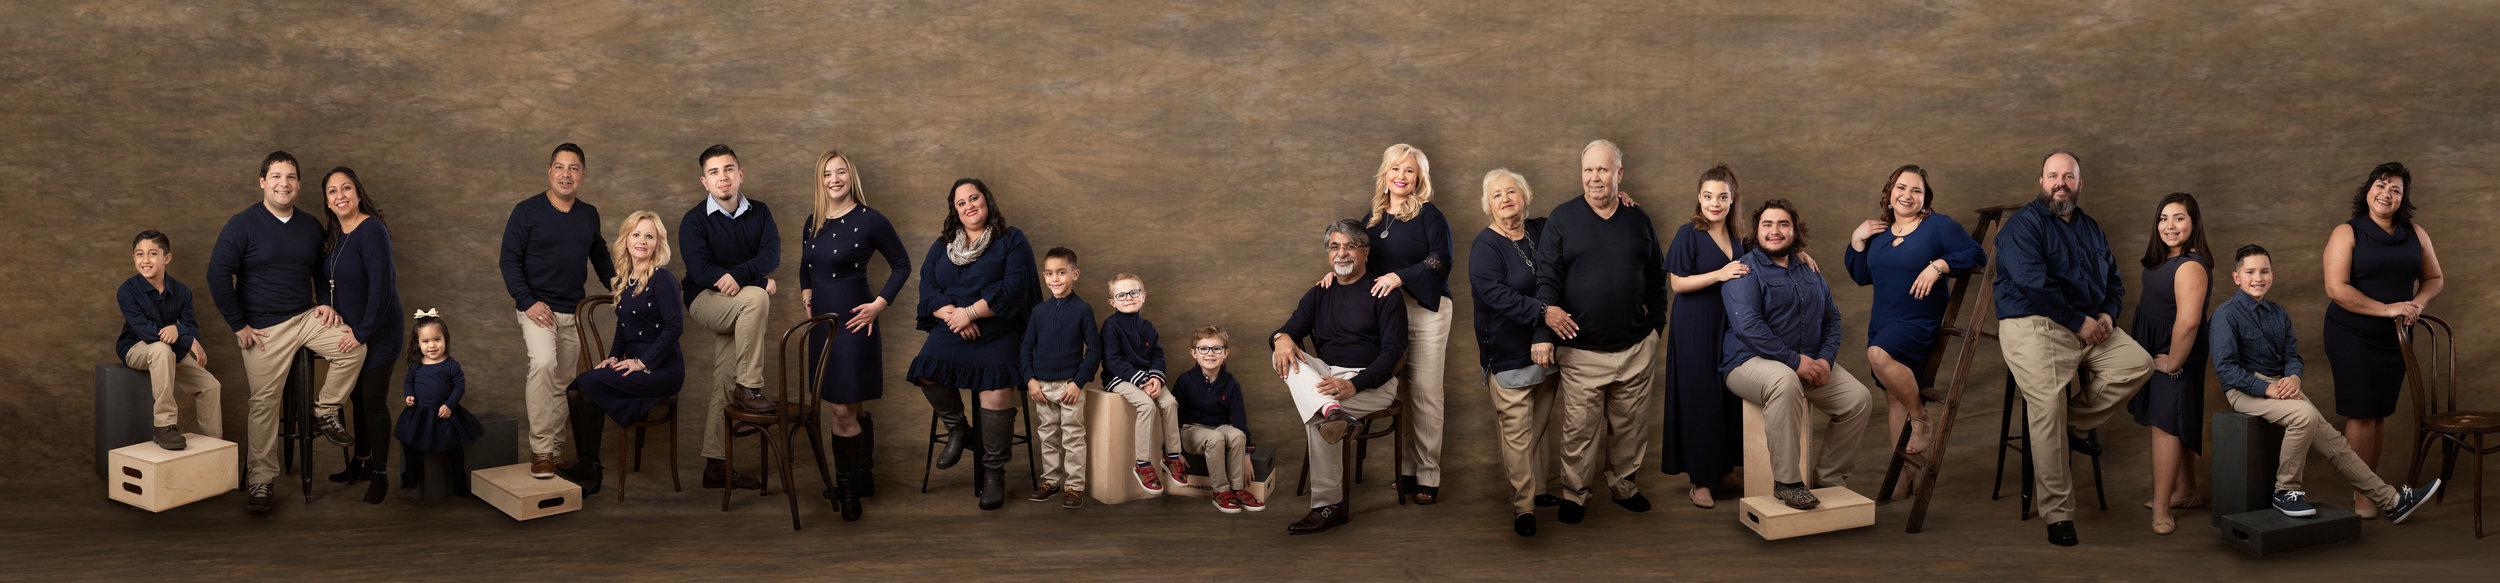 Memon-Big-family_revised.jpg